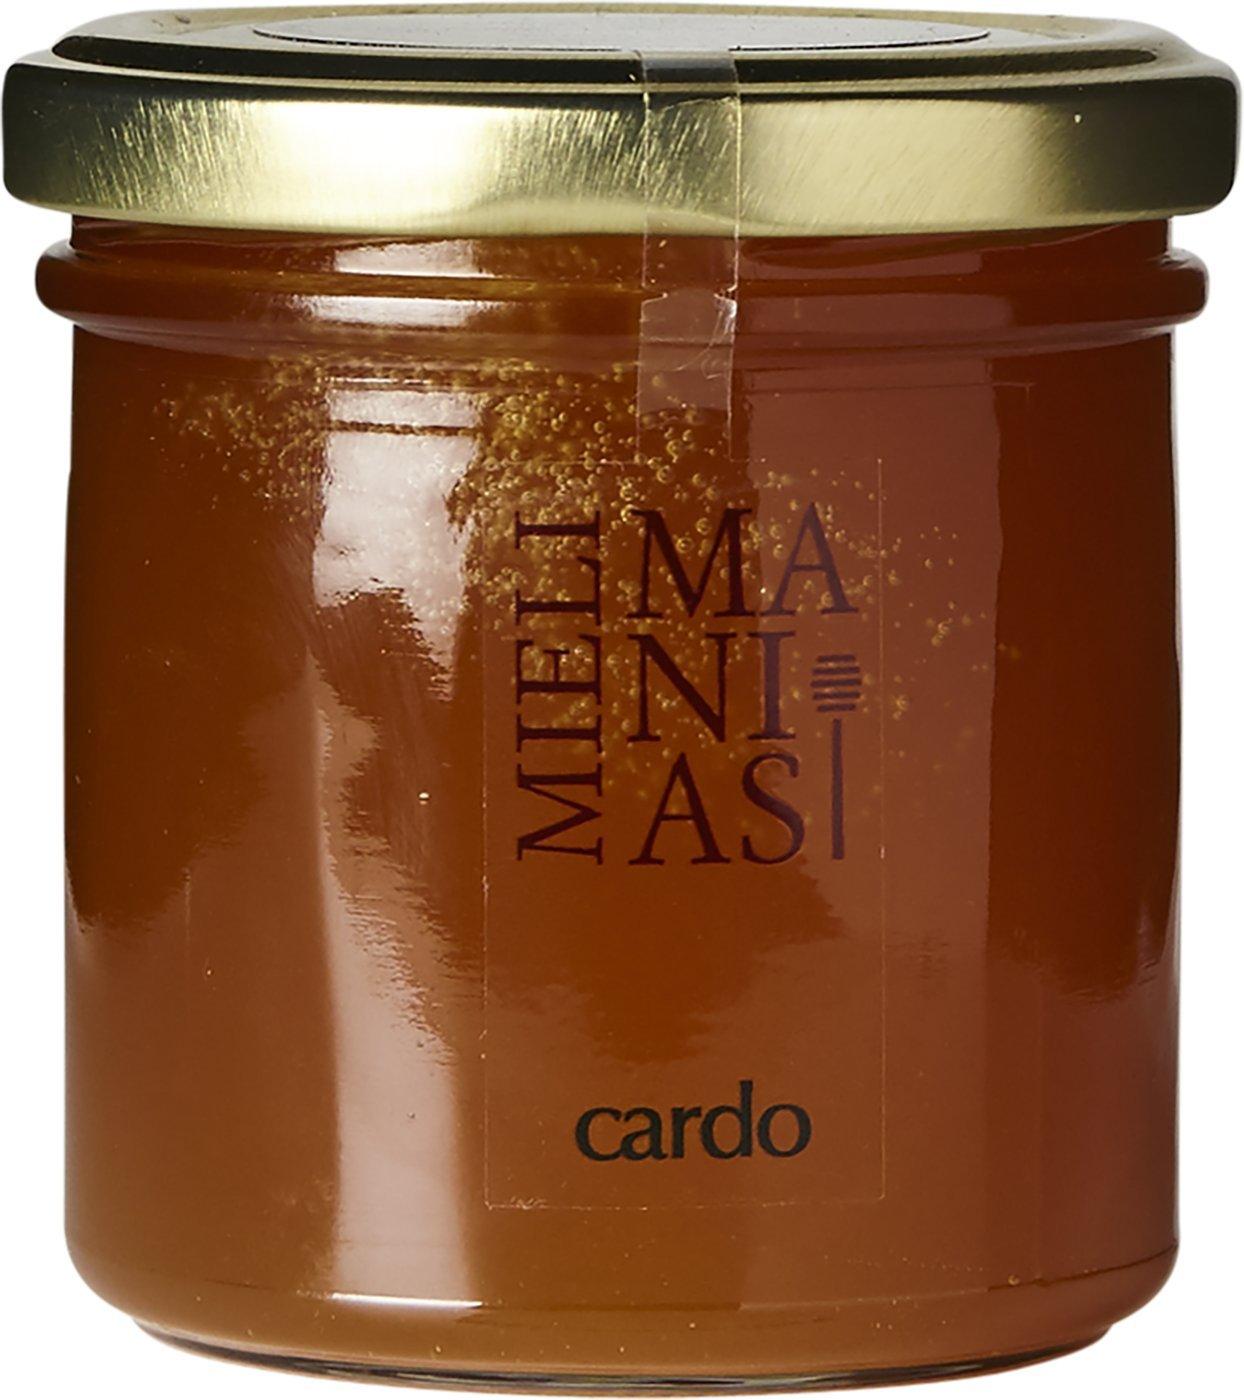 Cardoon Honey Luigi Manias - Sardinia, Italy - 7oz by Liccu Manias